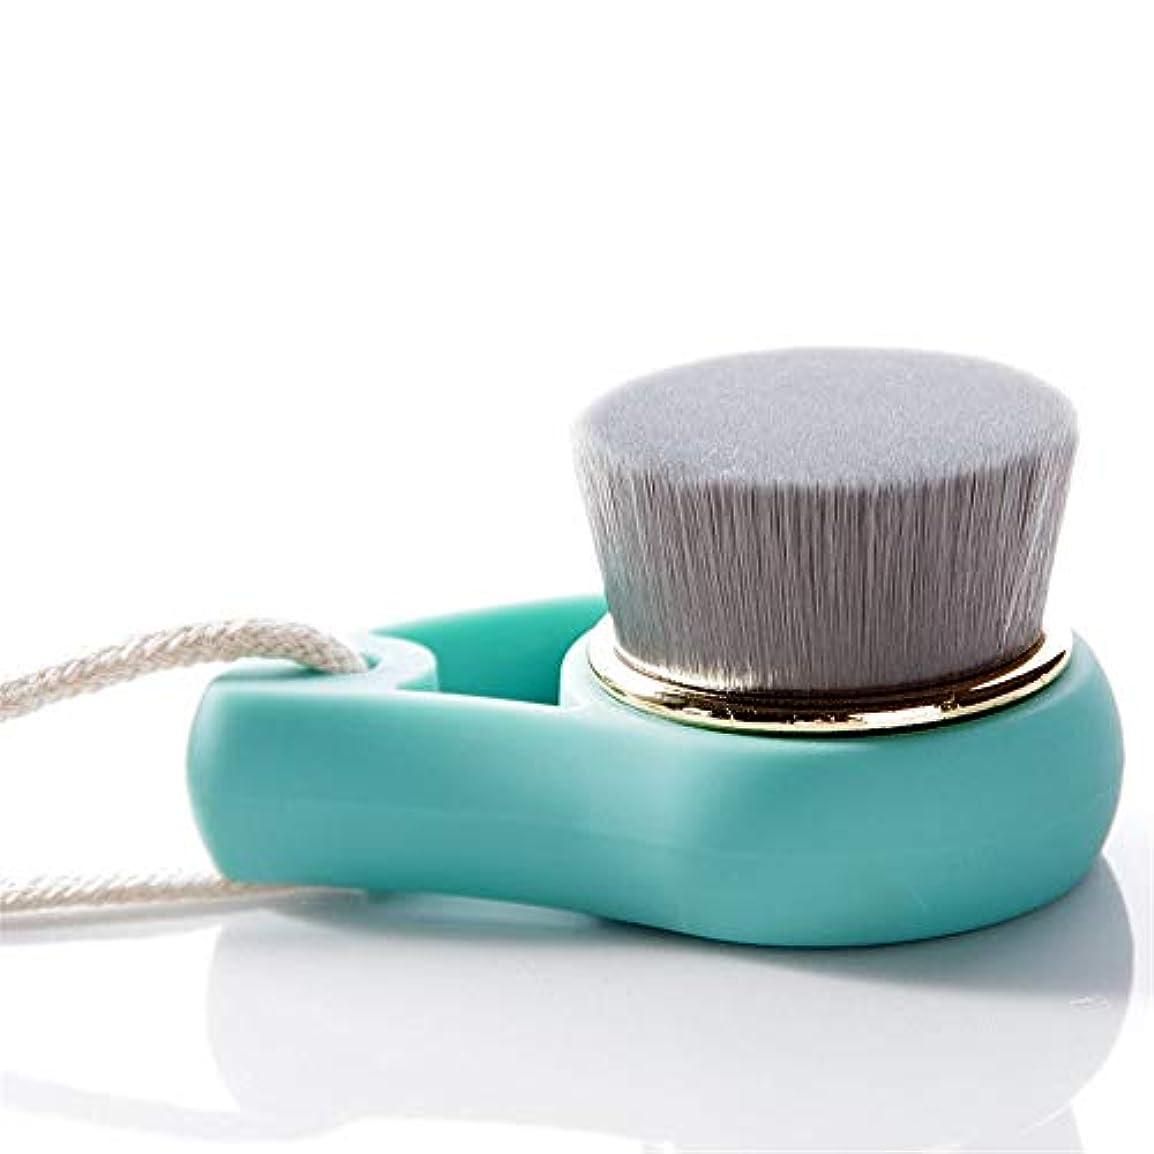 アサートトランスミッション緑洗顔ブラシ ソフト剛毛フェイスクリーニング美容ブラシ女性のクレンジングブラシ ディープクレンジングスキンケア用